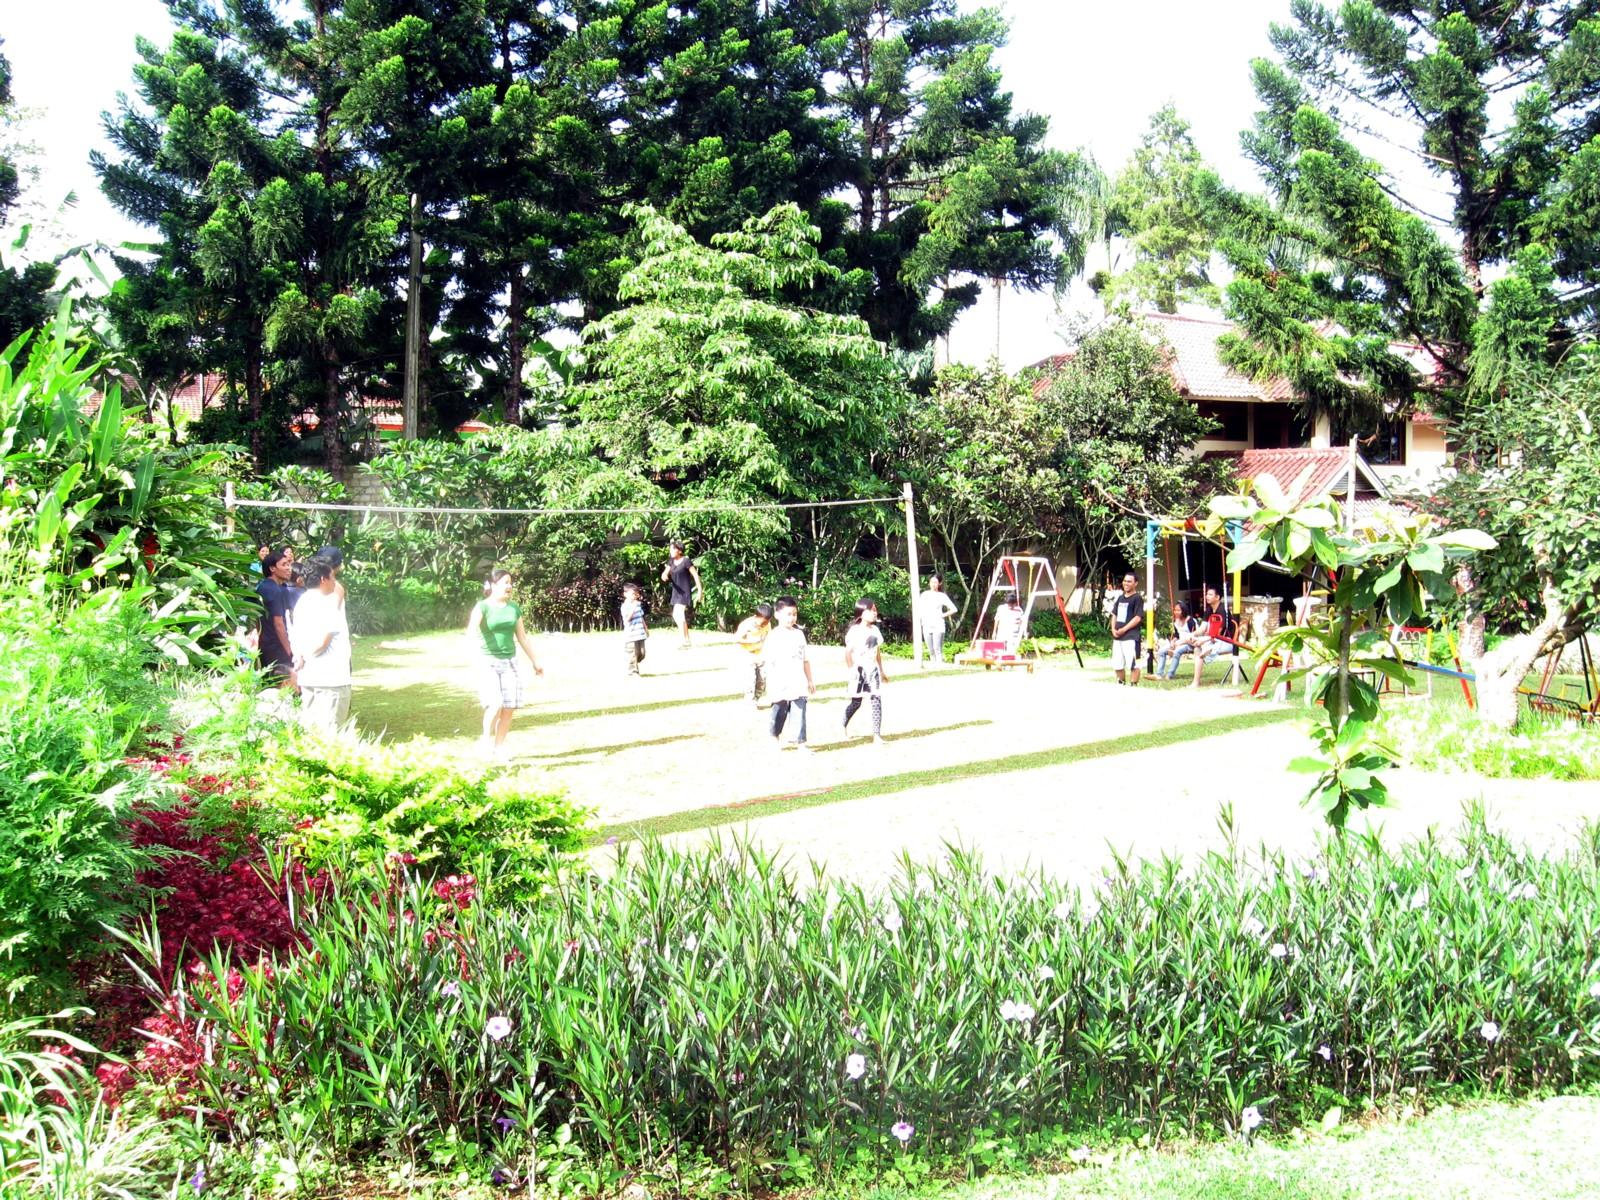 Terrace Villa Golf Lapangan Bola Volley Sepak